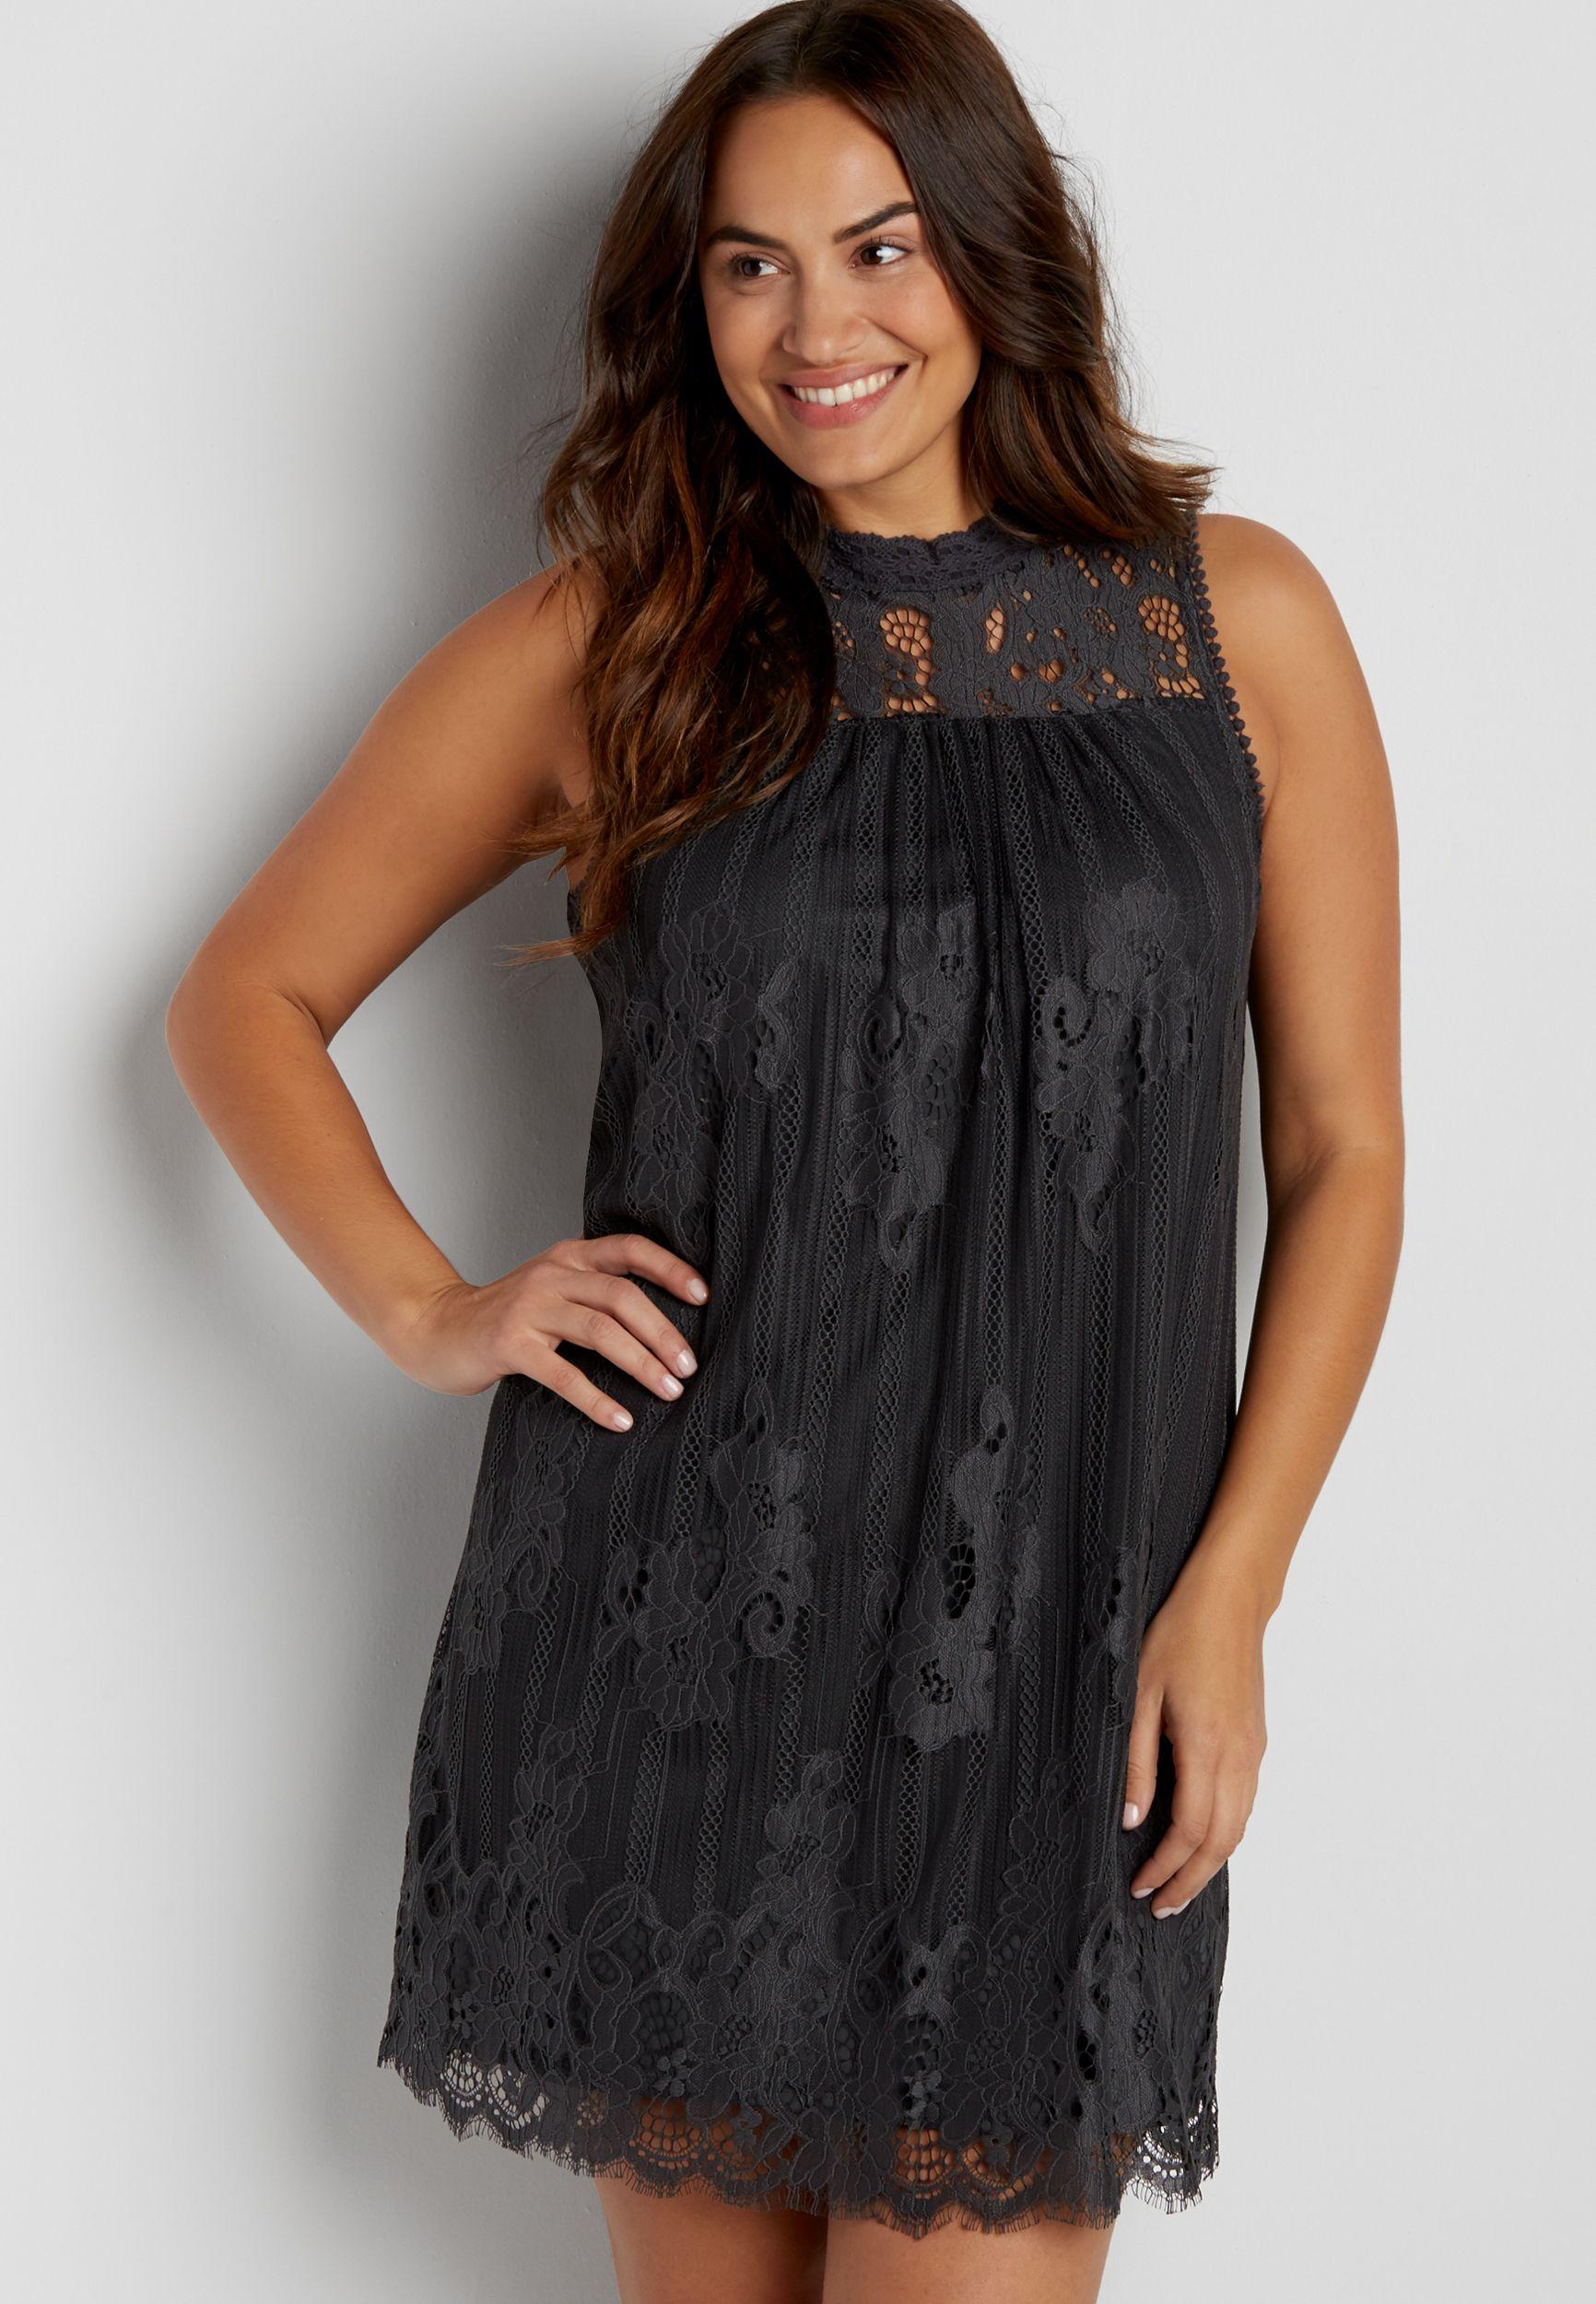 41c3a0defc Plus size lace shift dress with high neckline